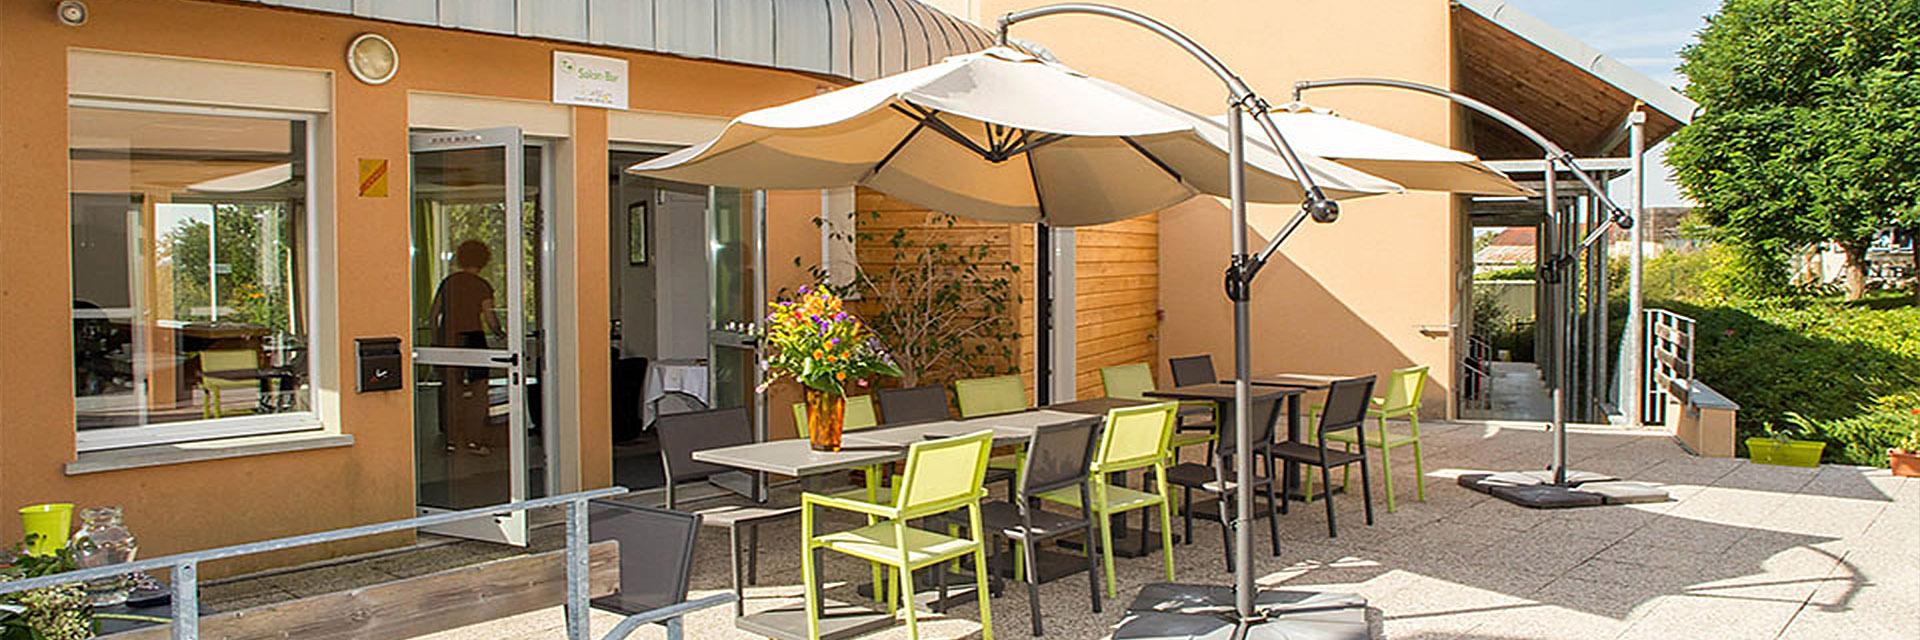 Village_club_vacances_aveyron-cantal-et-ardèche-maison-des-cent-vallées-terrasse